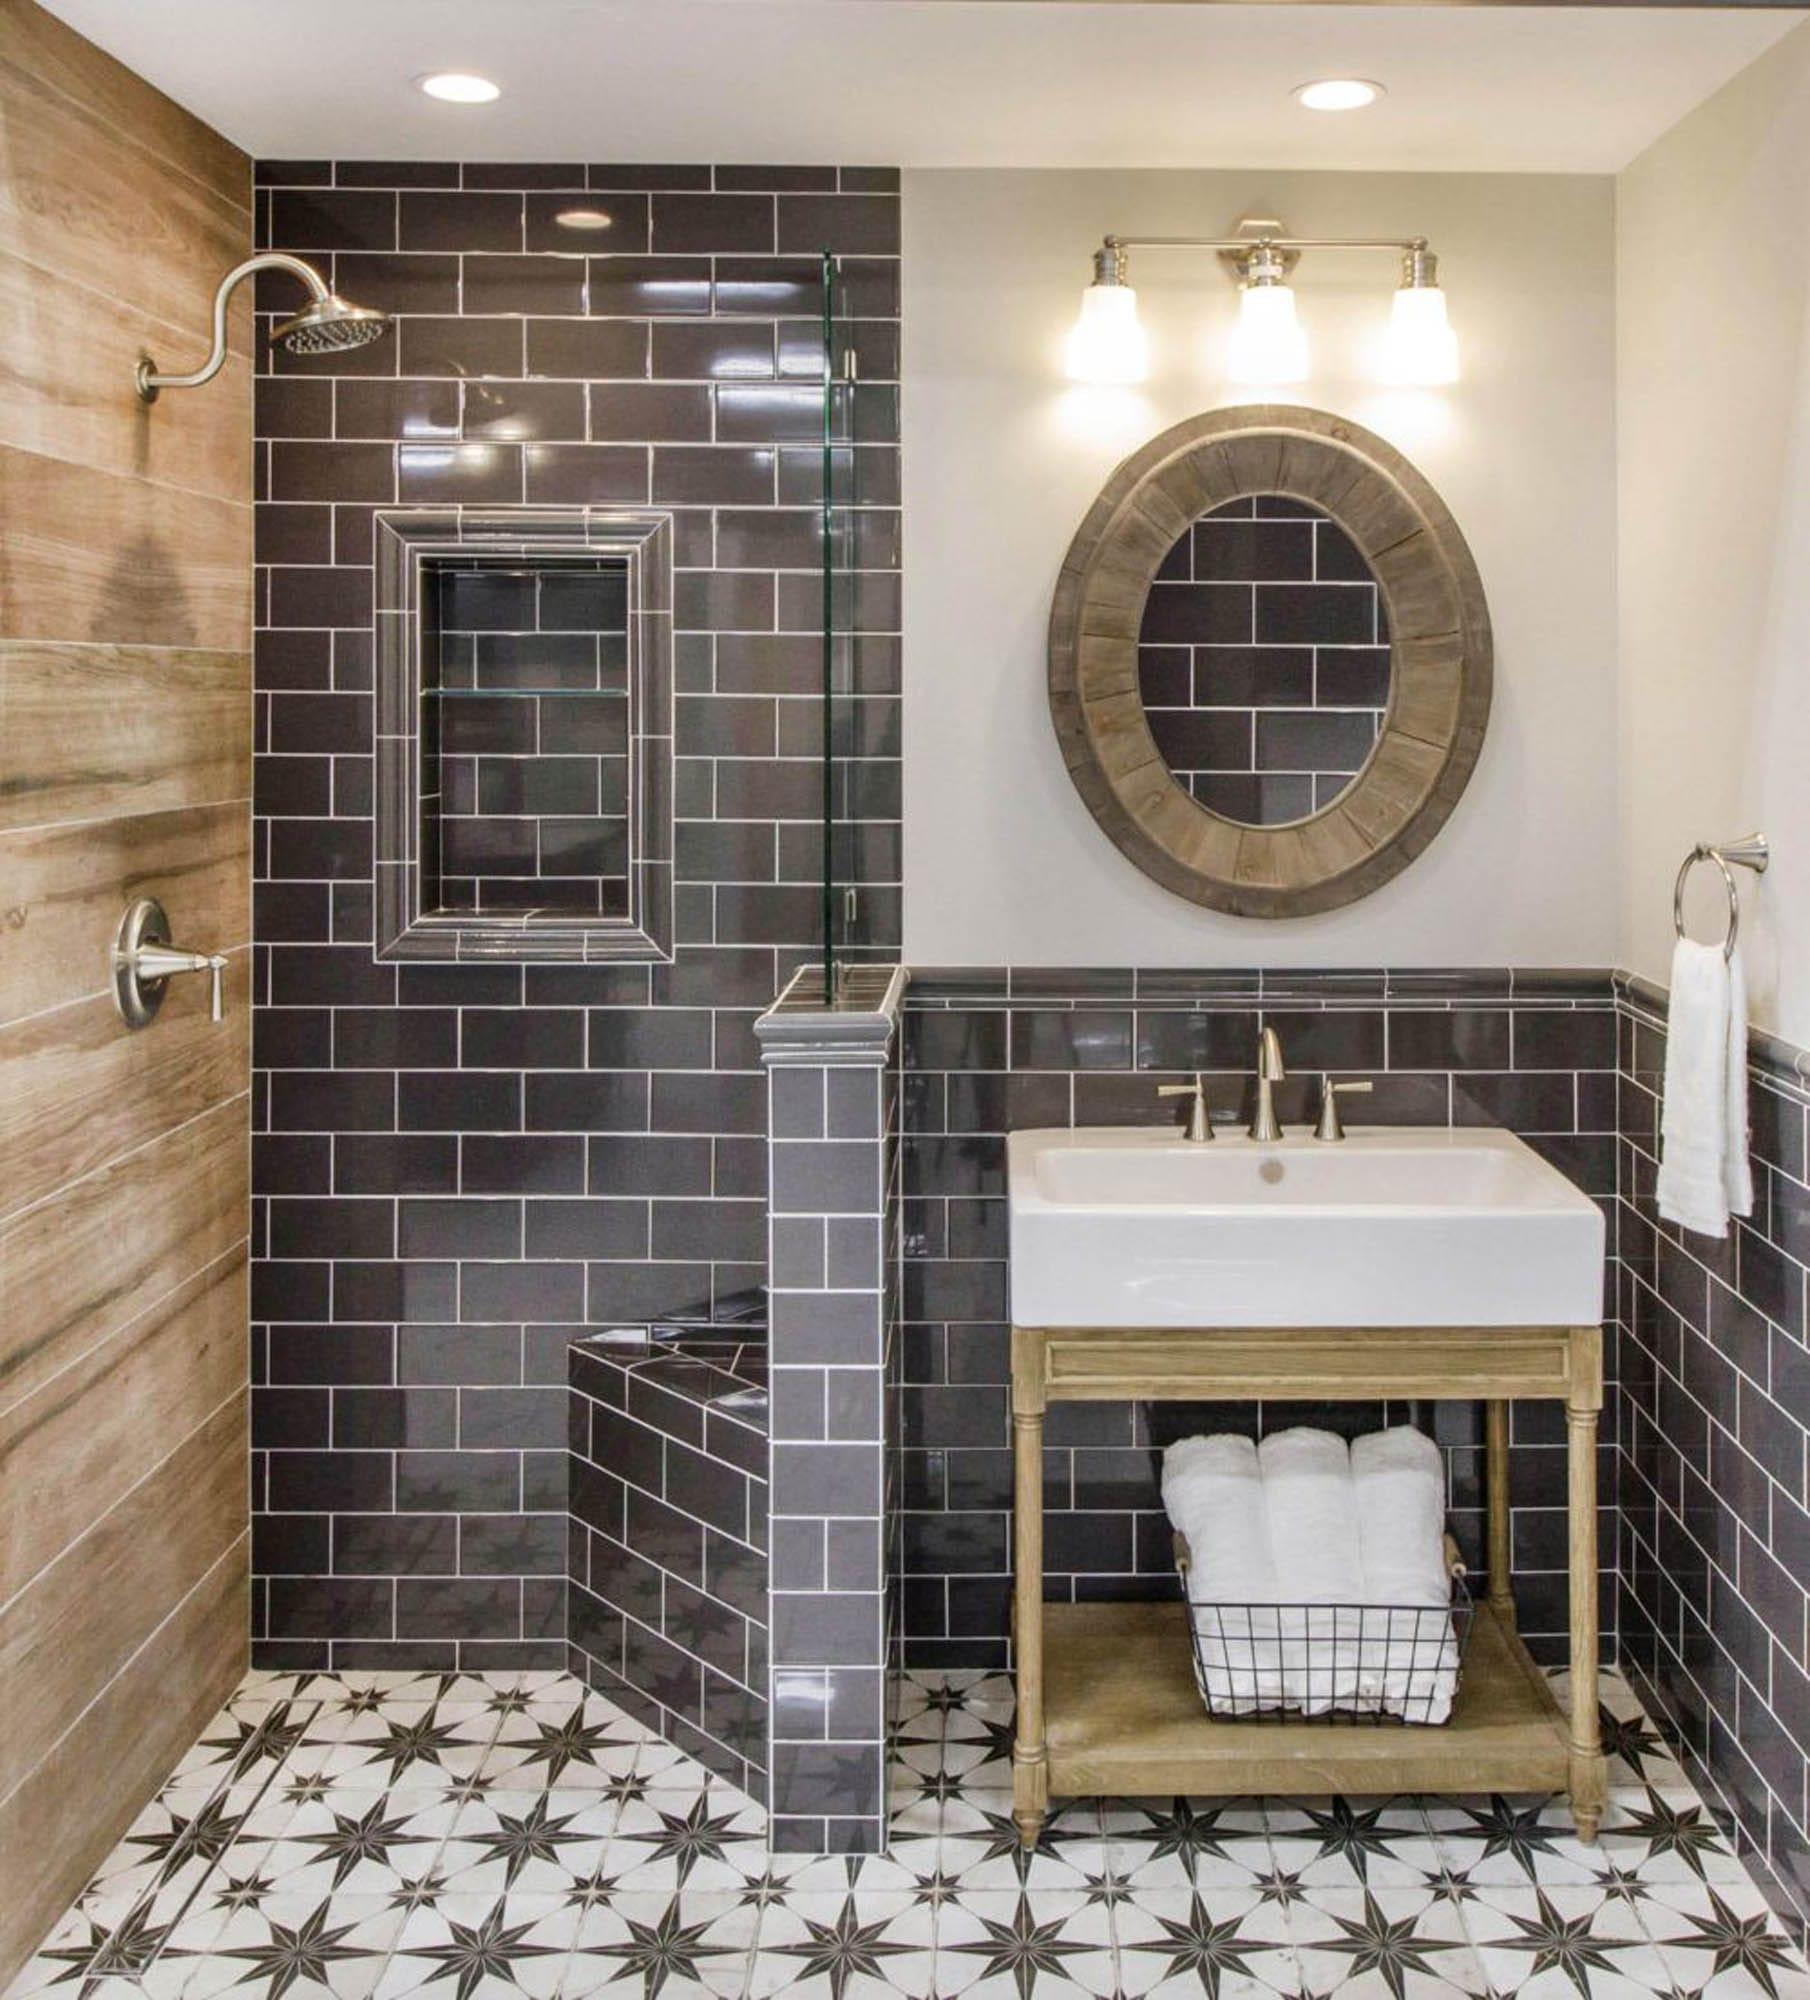 How to Achieve Modern Farmhouse Design with Tile - The ... on Farmhouse Tile Bathroom Floor  id=16413